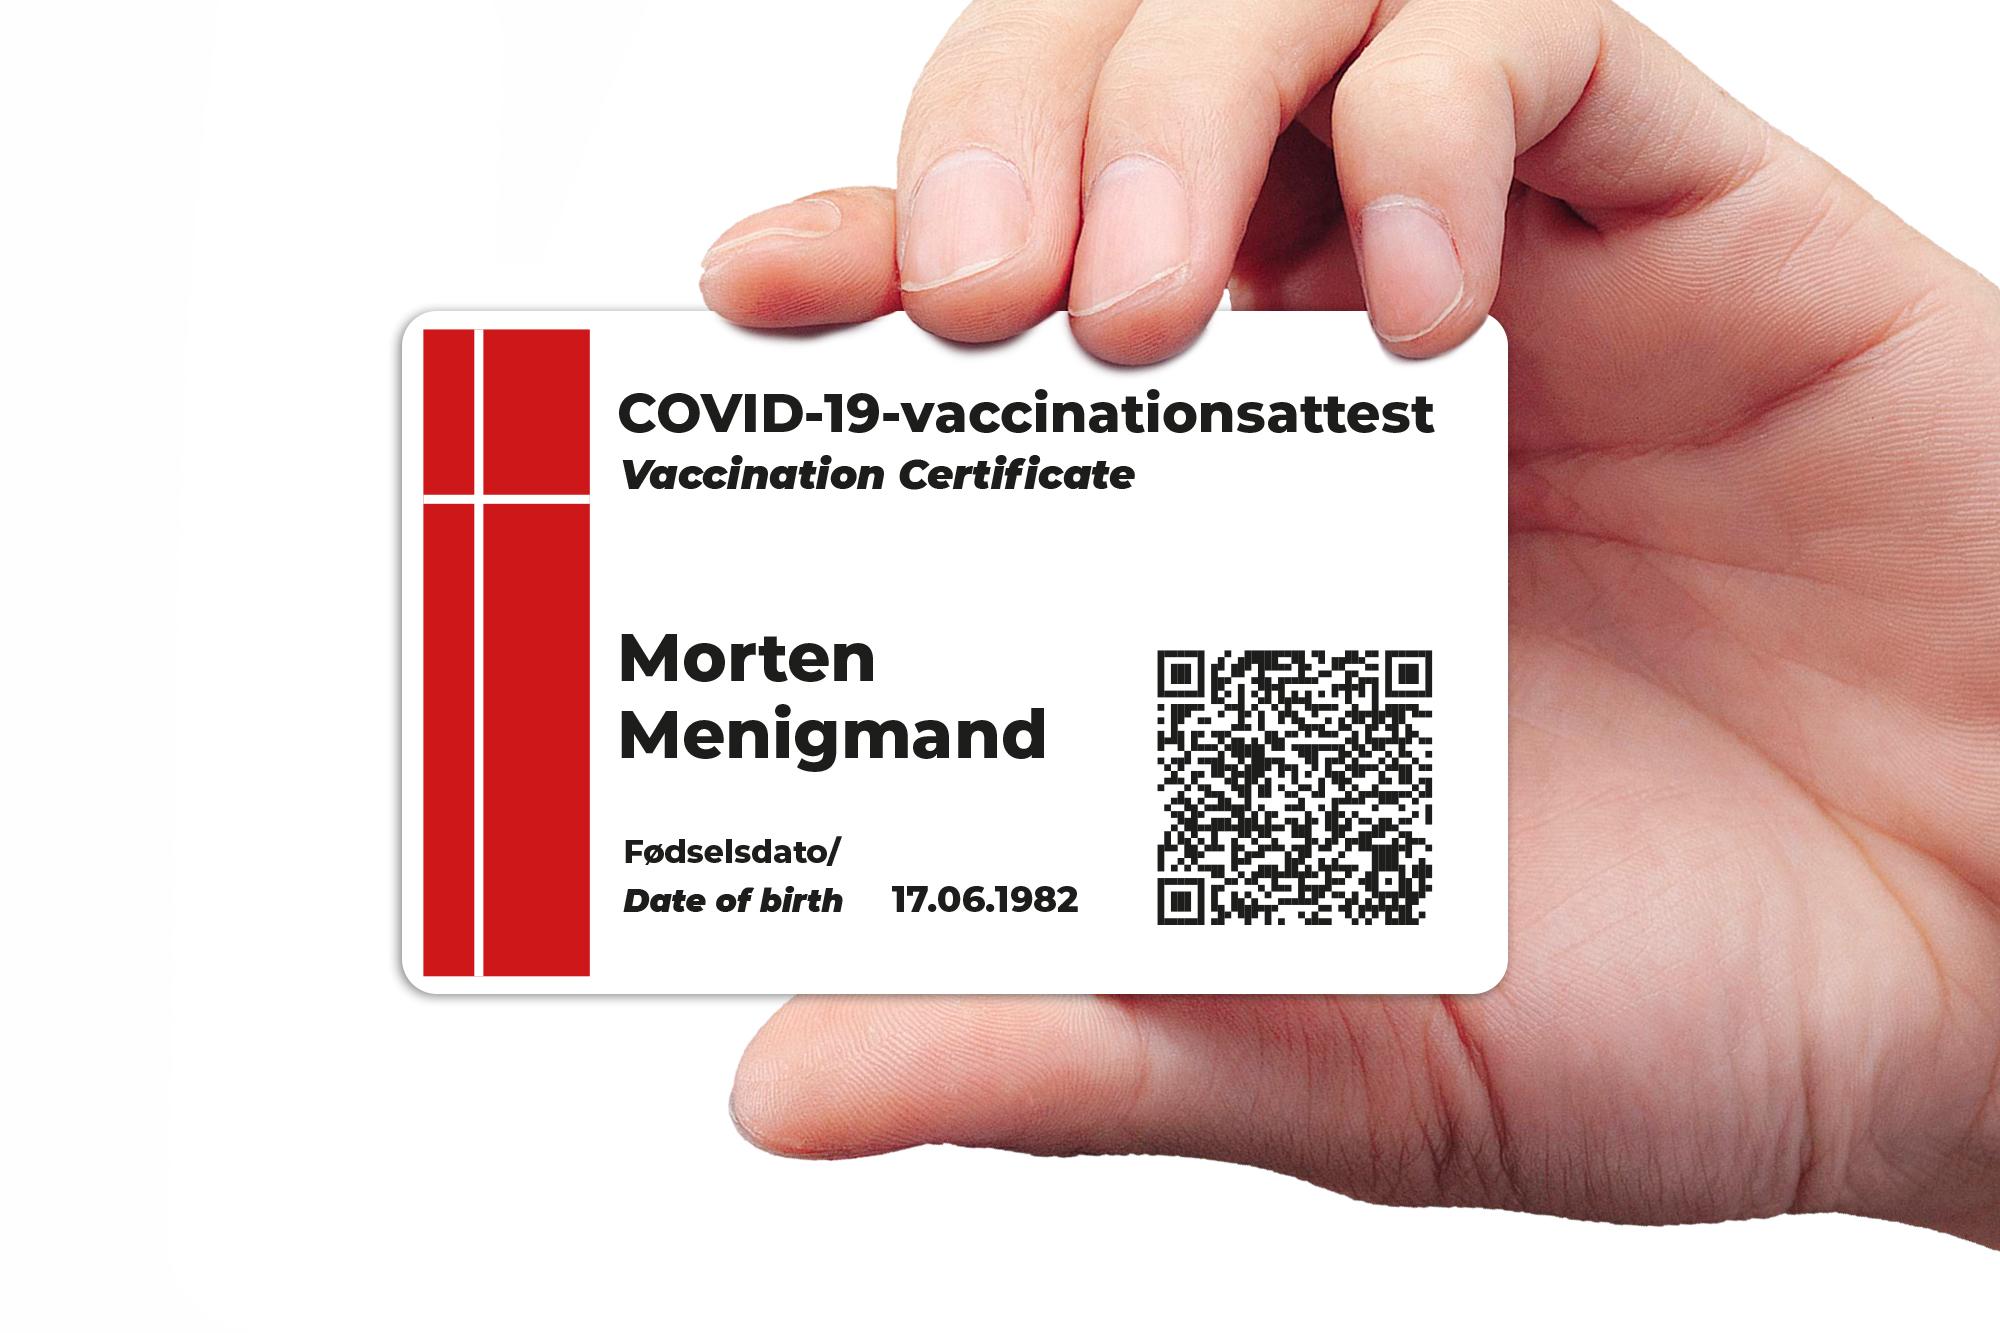 Corona Impfpass drucken Türkisch Asi Sertifikasi CovPass App als Karte, Corona Warn App